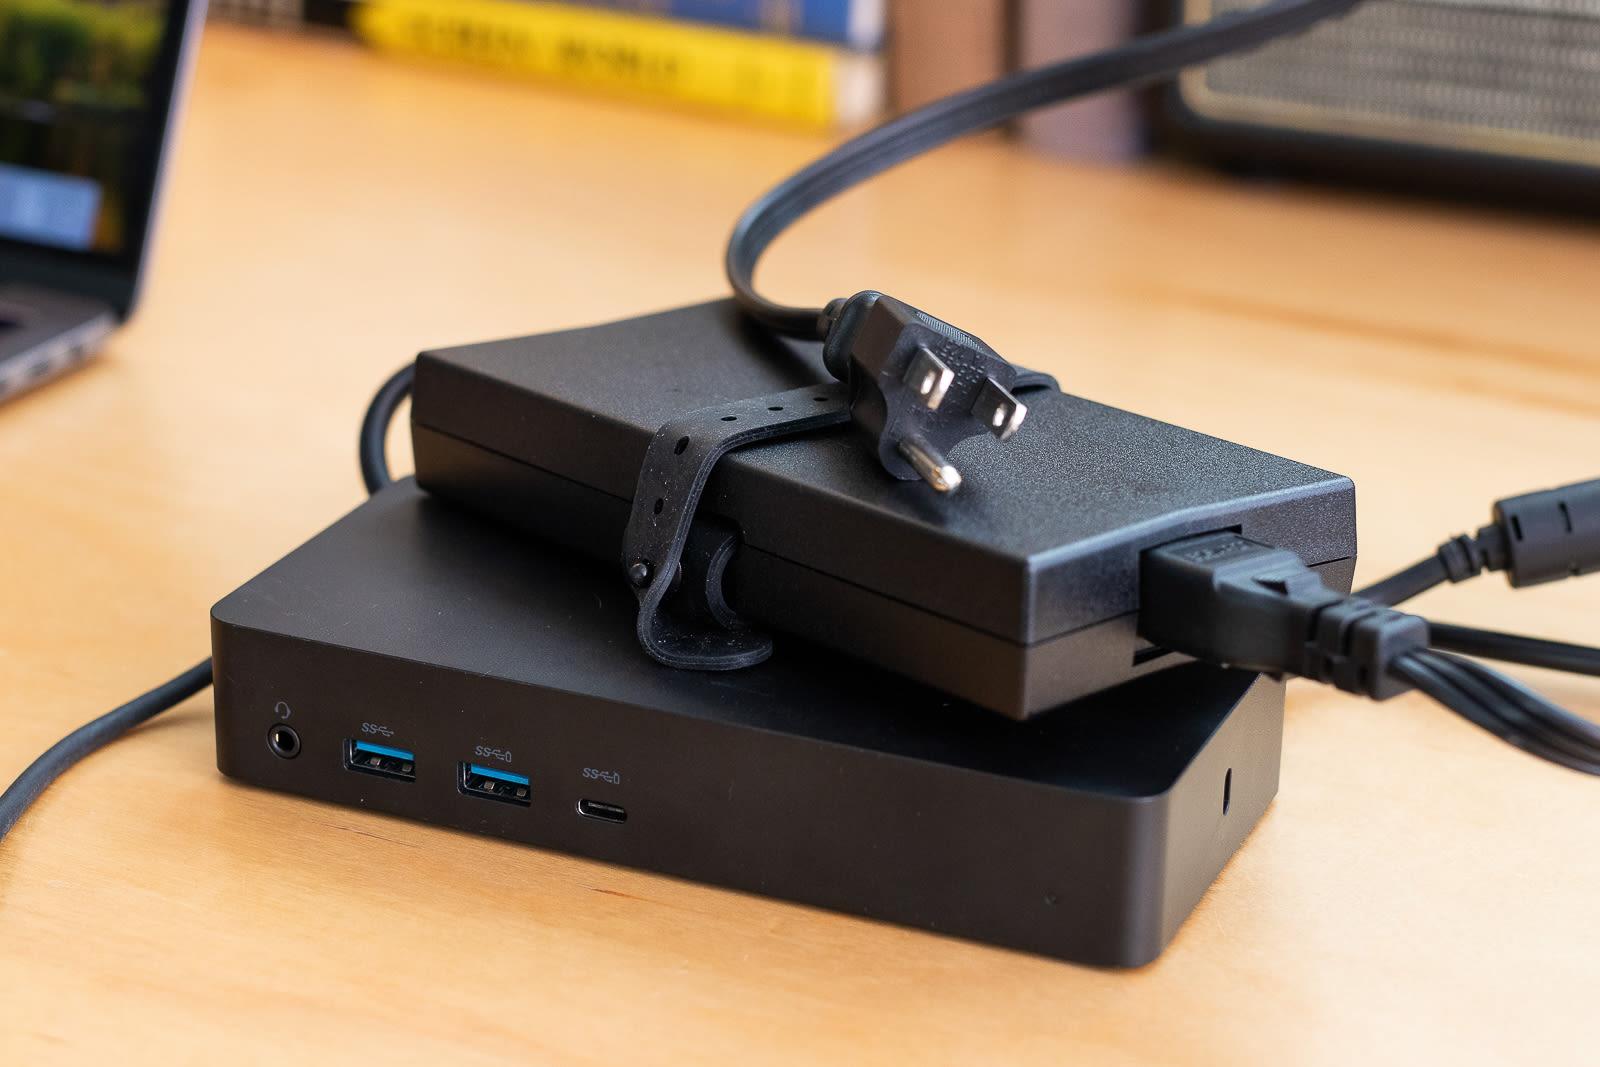 USB-C hubs and docks